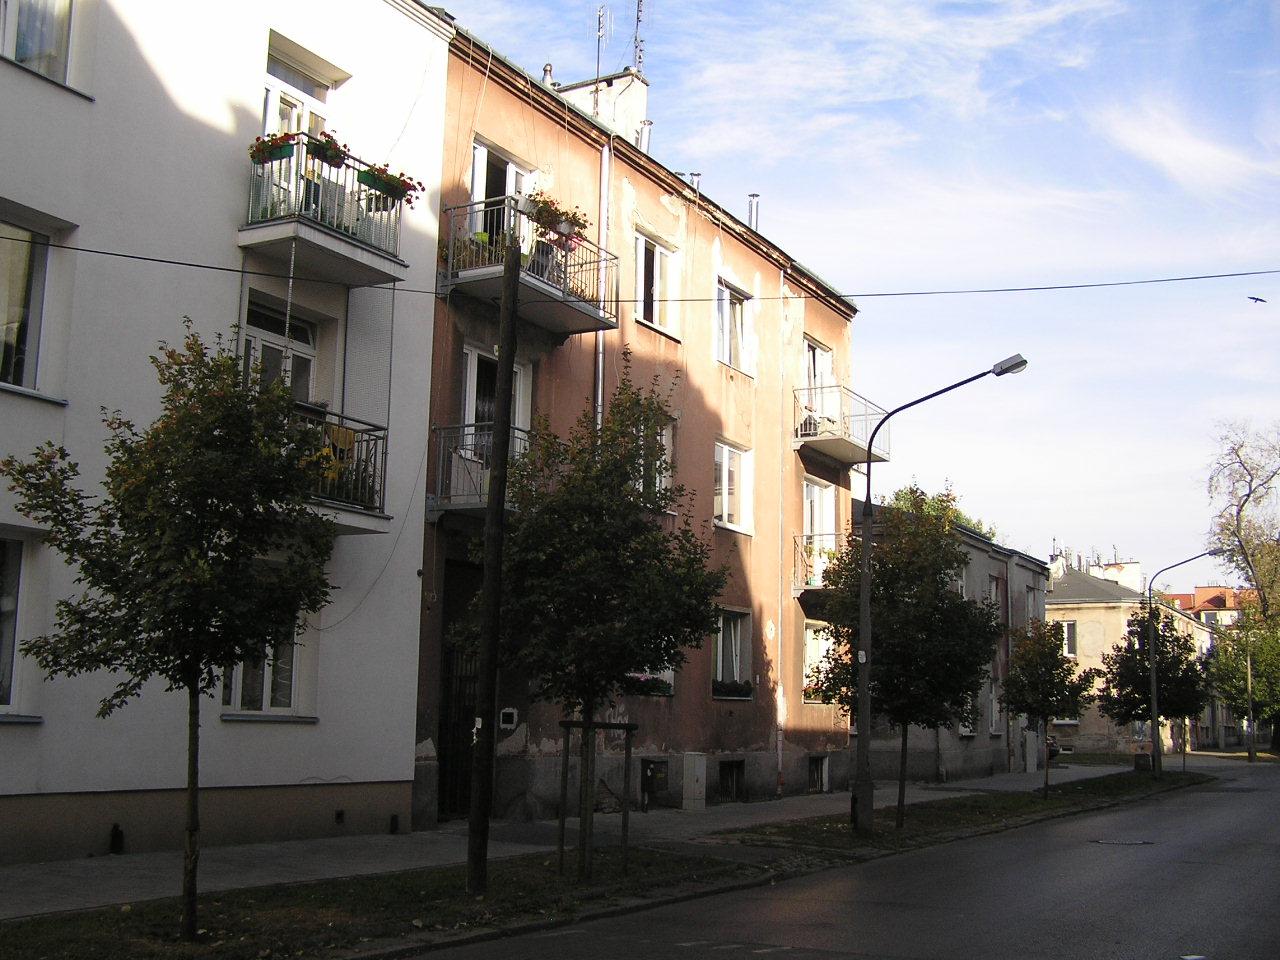 Osowska 30